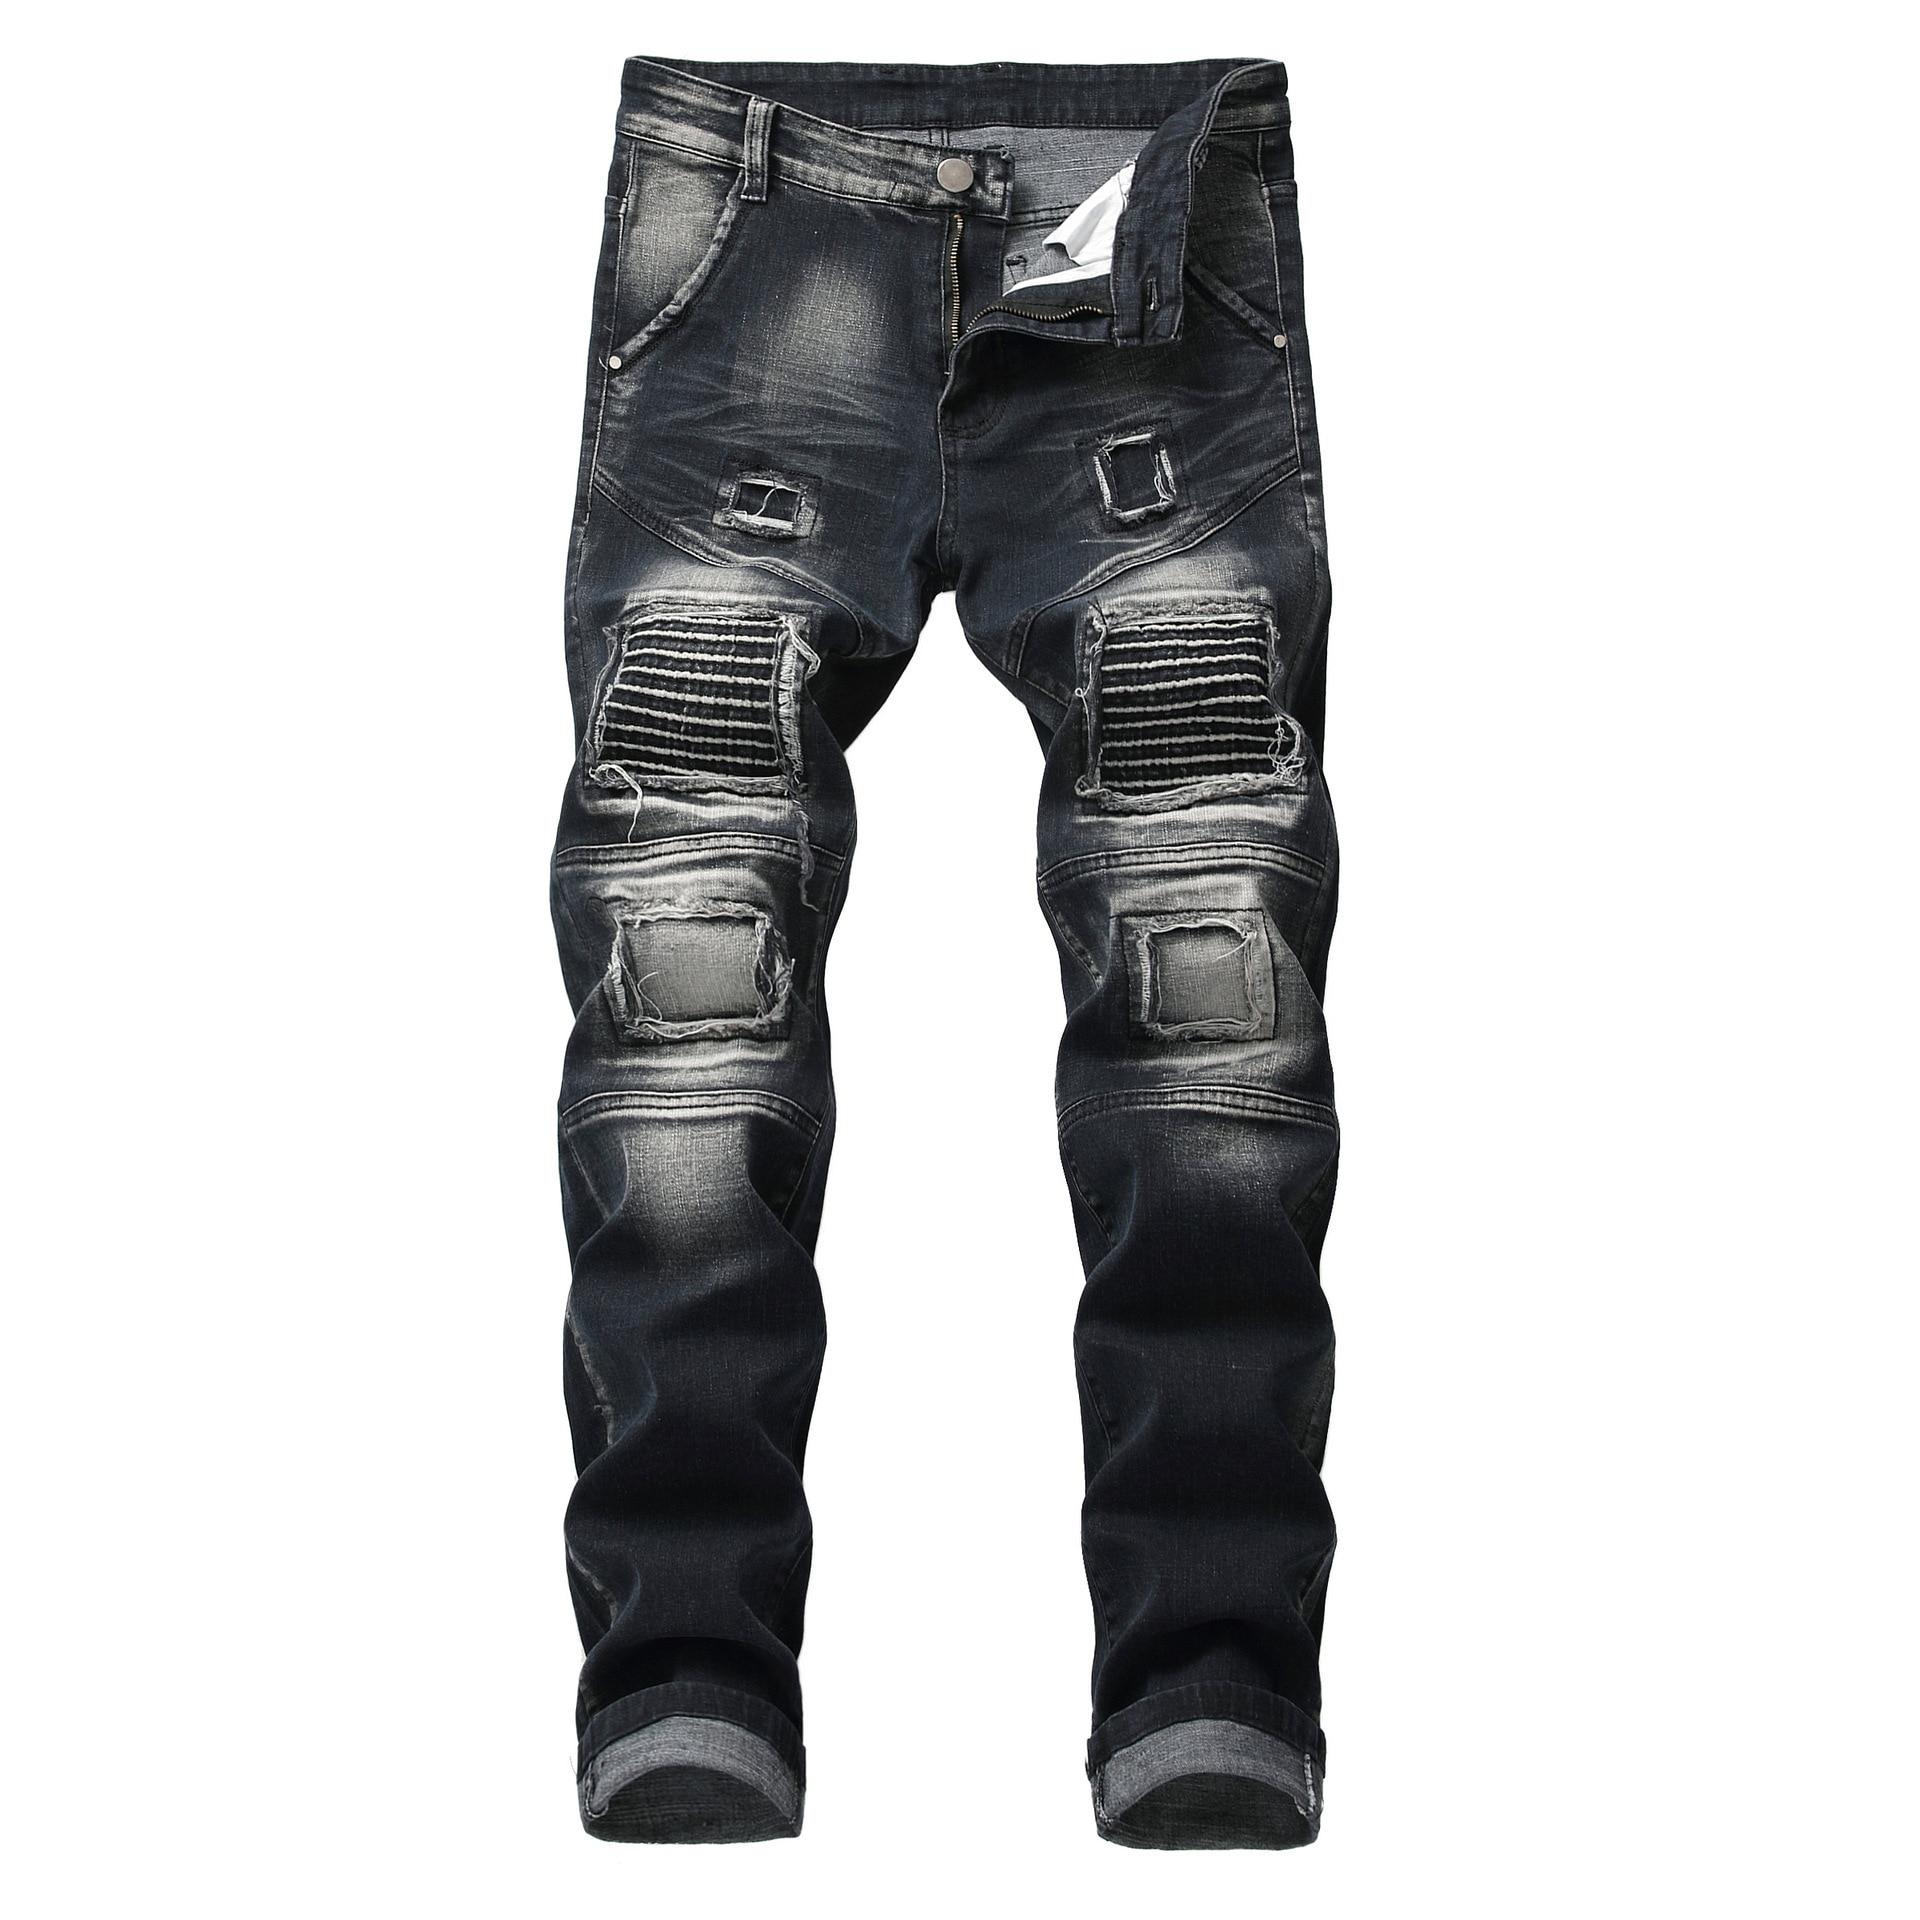 Yeni erkek streç denim kot elastik delik rahat çekme renkli işlemeli artı boyutu yıkanmış denim pantolon